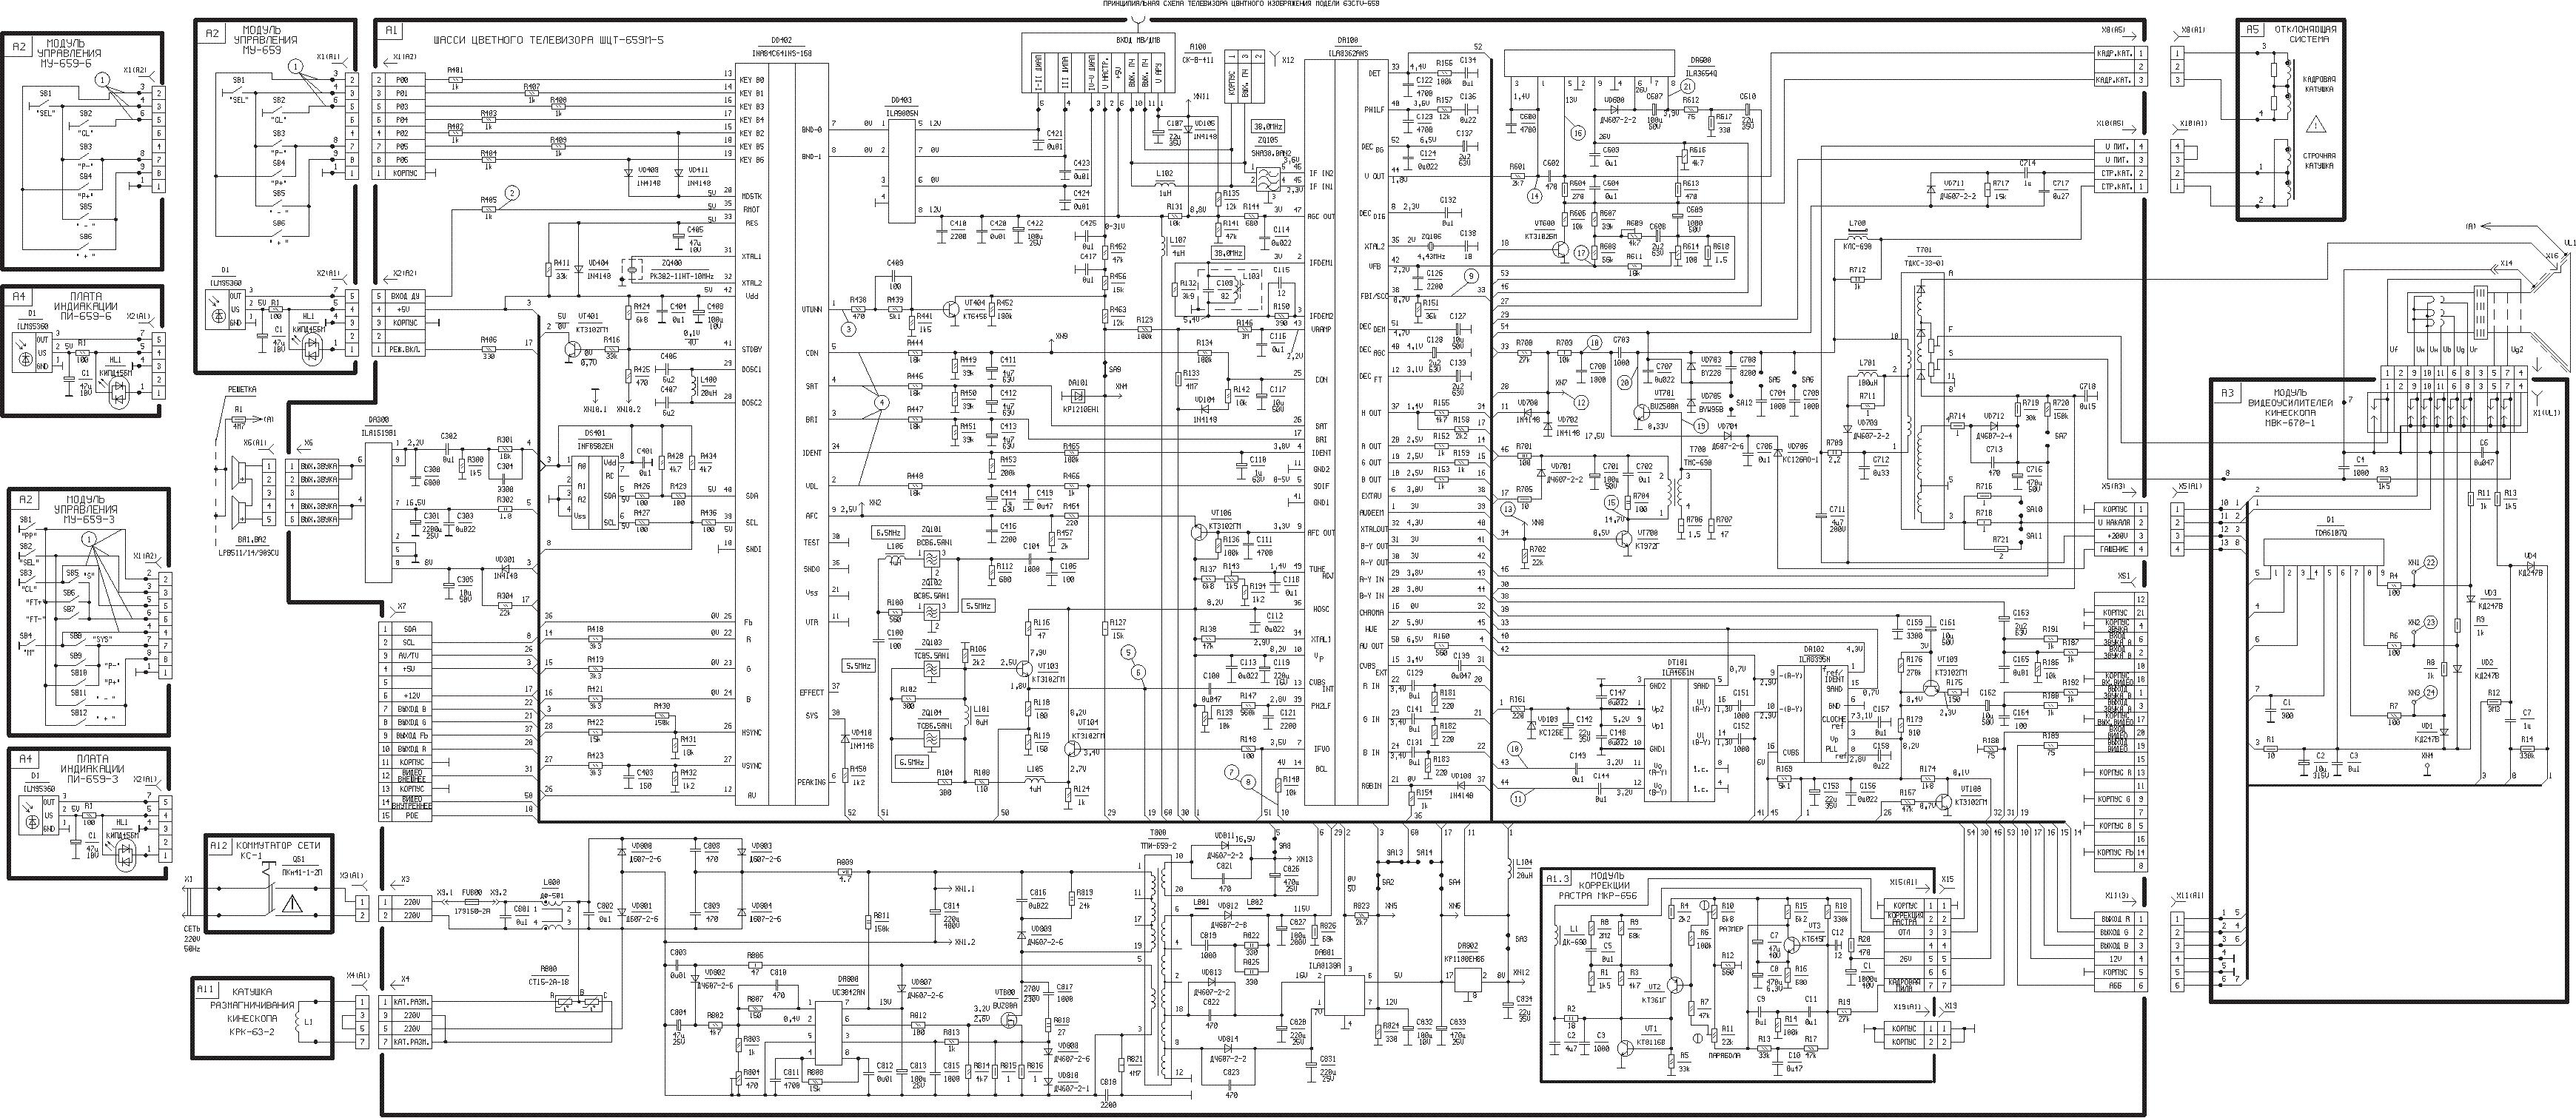 horizont fct410 - mtv212   stv6888   uc3842   stv9302